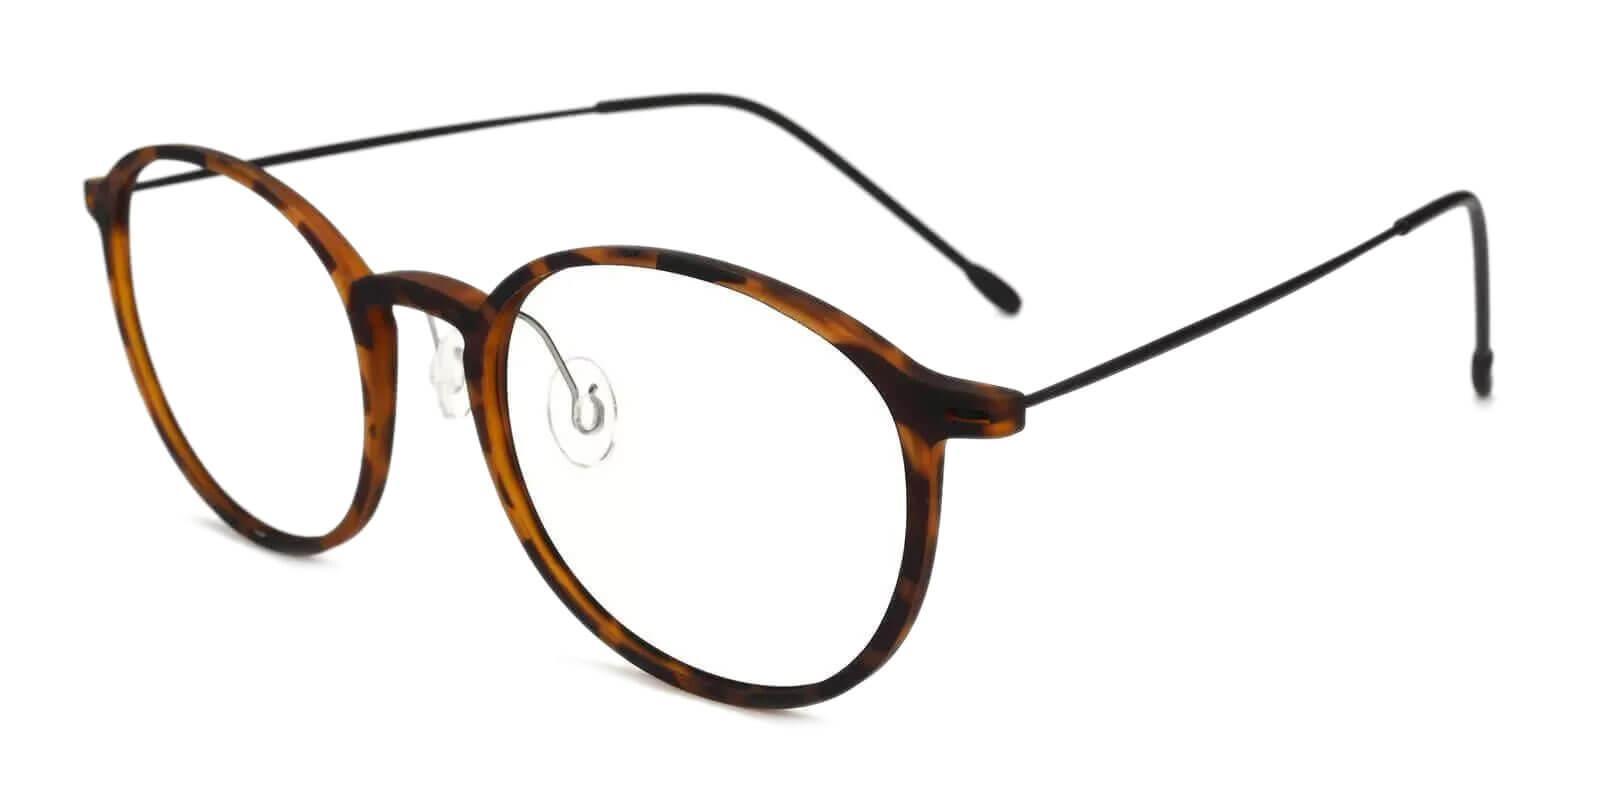 Yoga Tortoise Combination NosePads , Eyeglasses , Lightweight Frames from ABBE Glasses